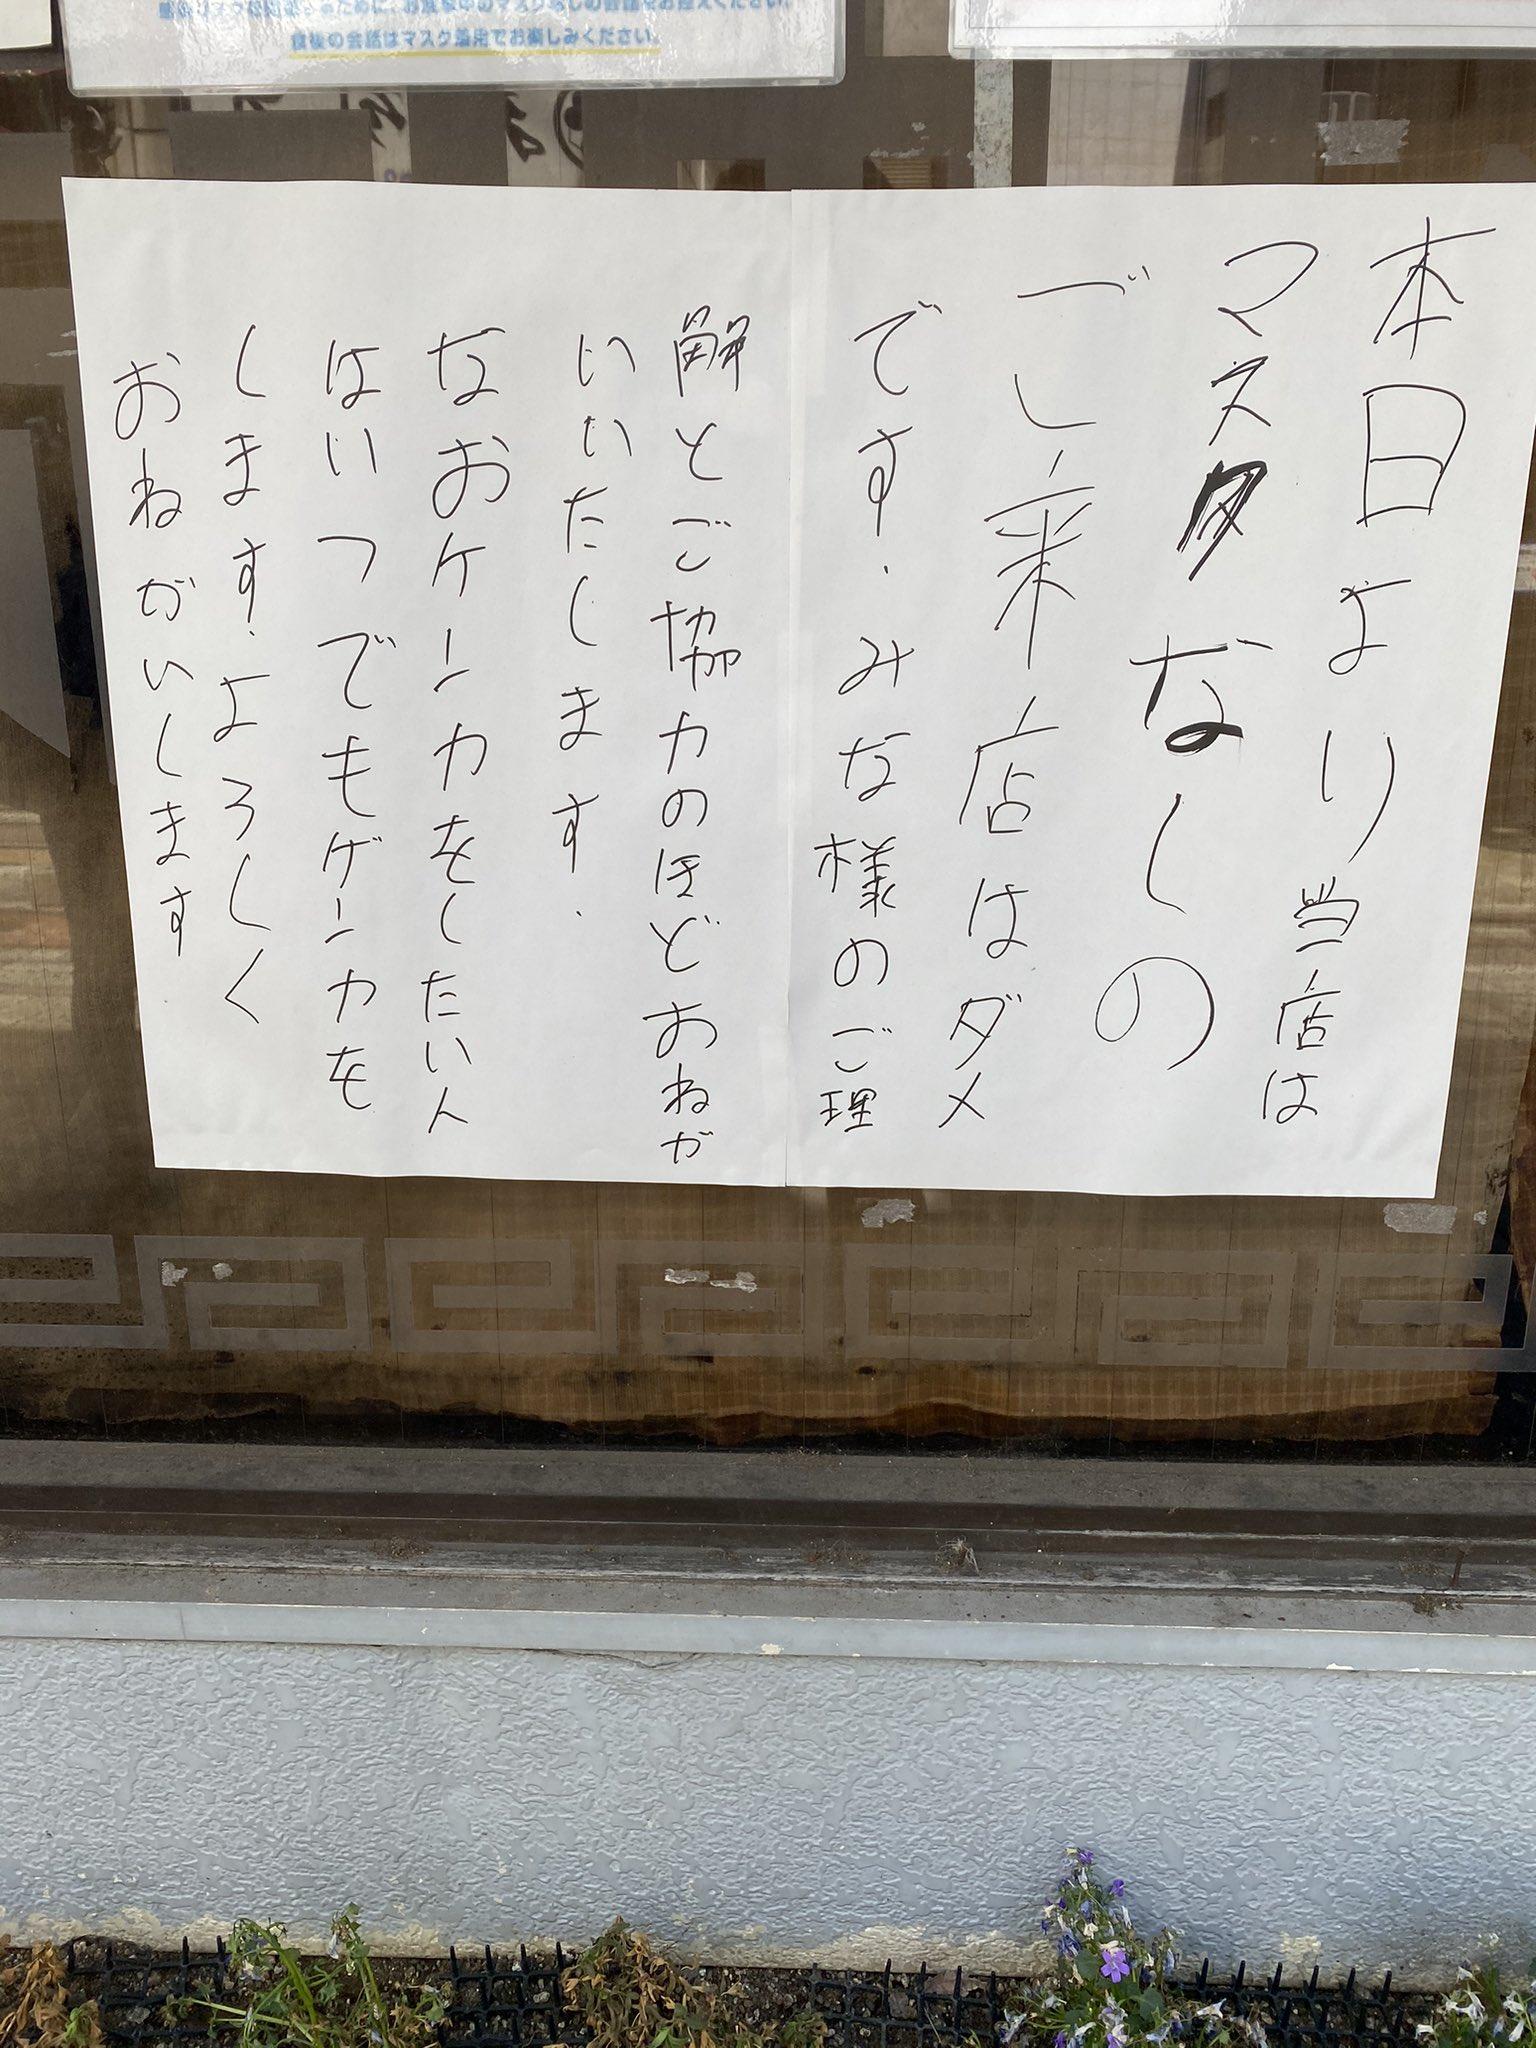 【画像】やばい中華料理店、発見されるwwwww